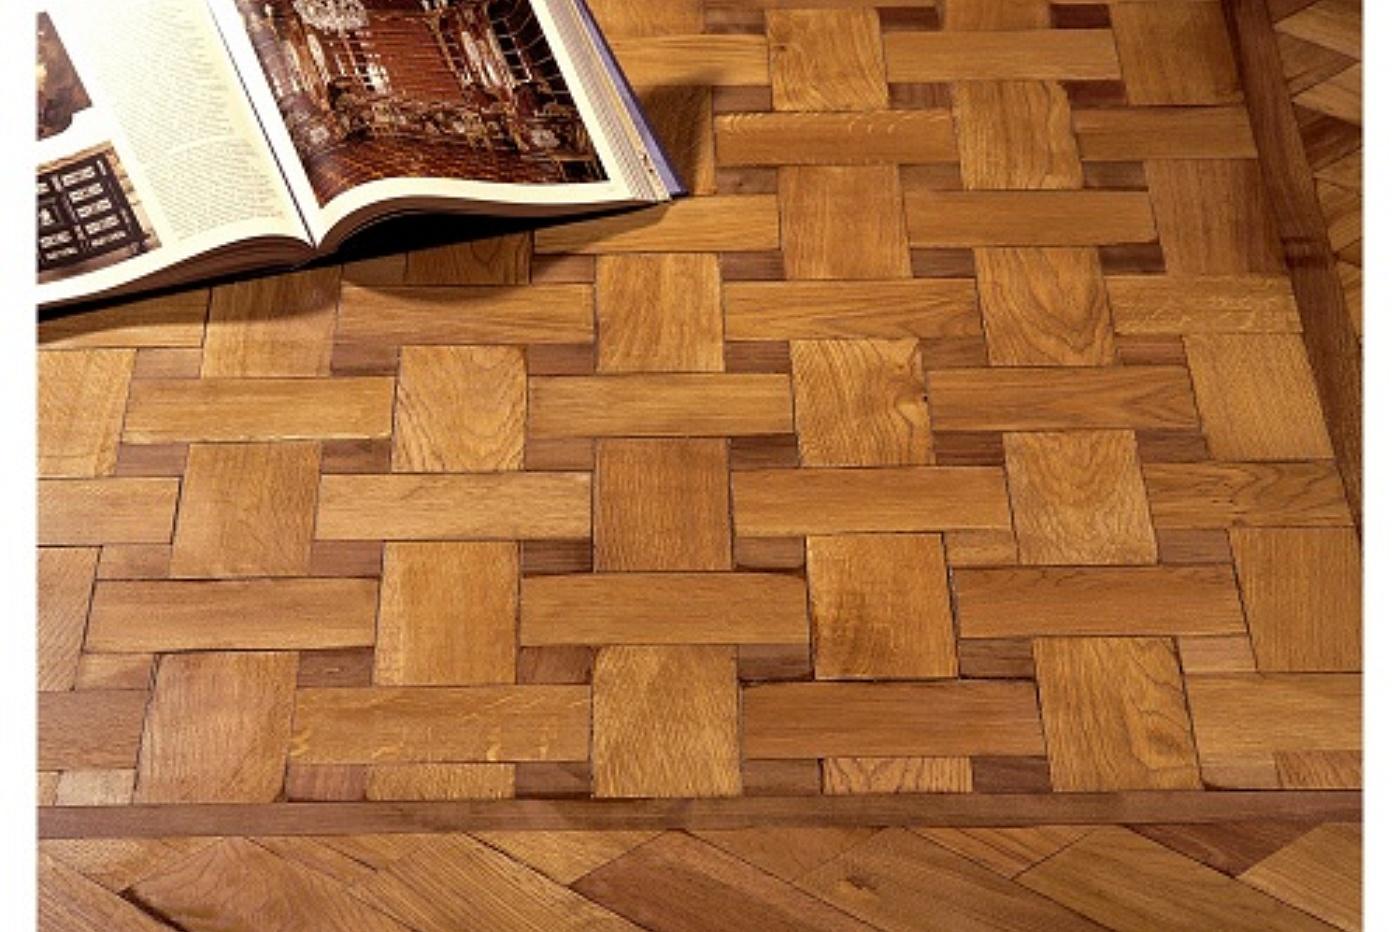 Sols interni di prestigio parquet artistico intarsiato for Pavimento in legno interno